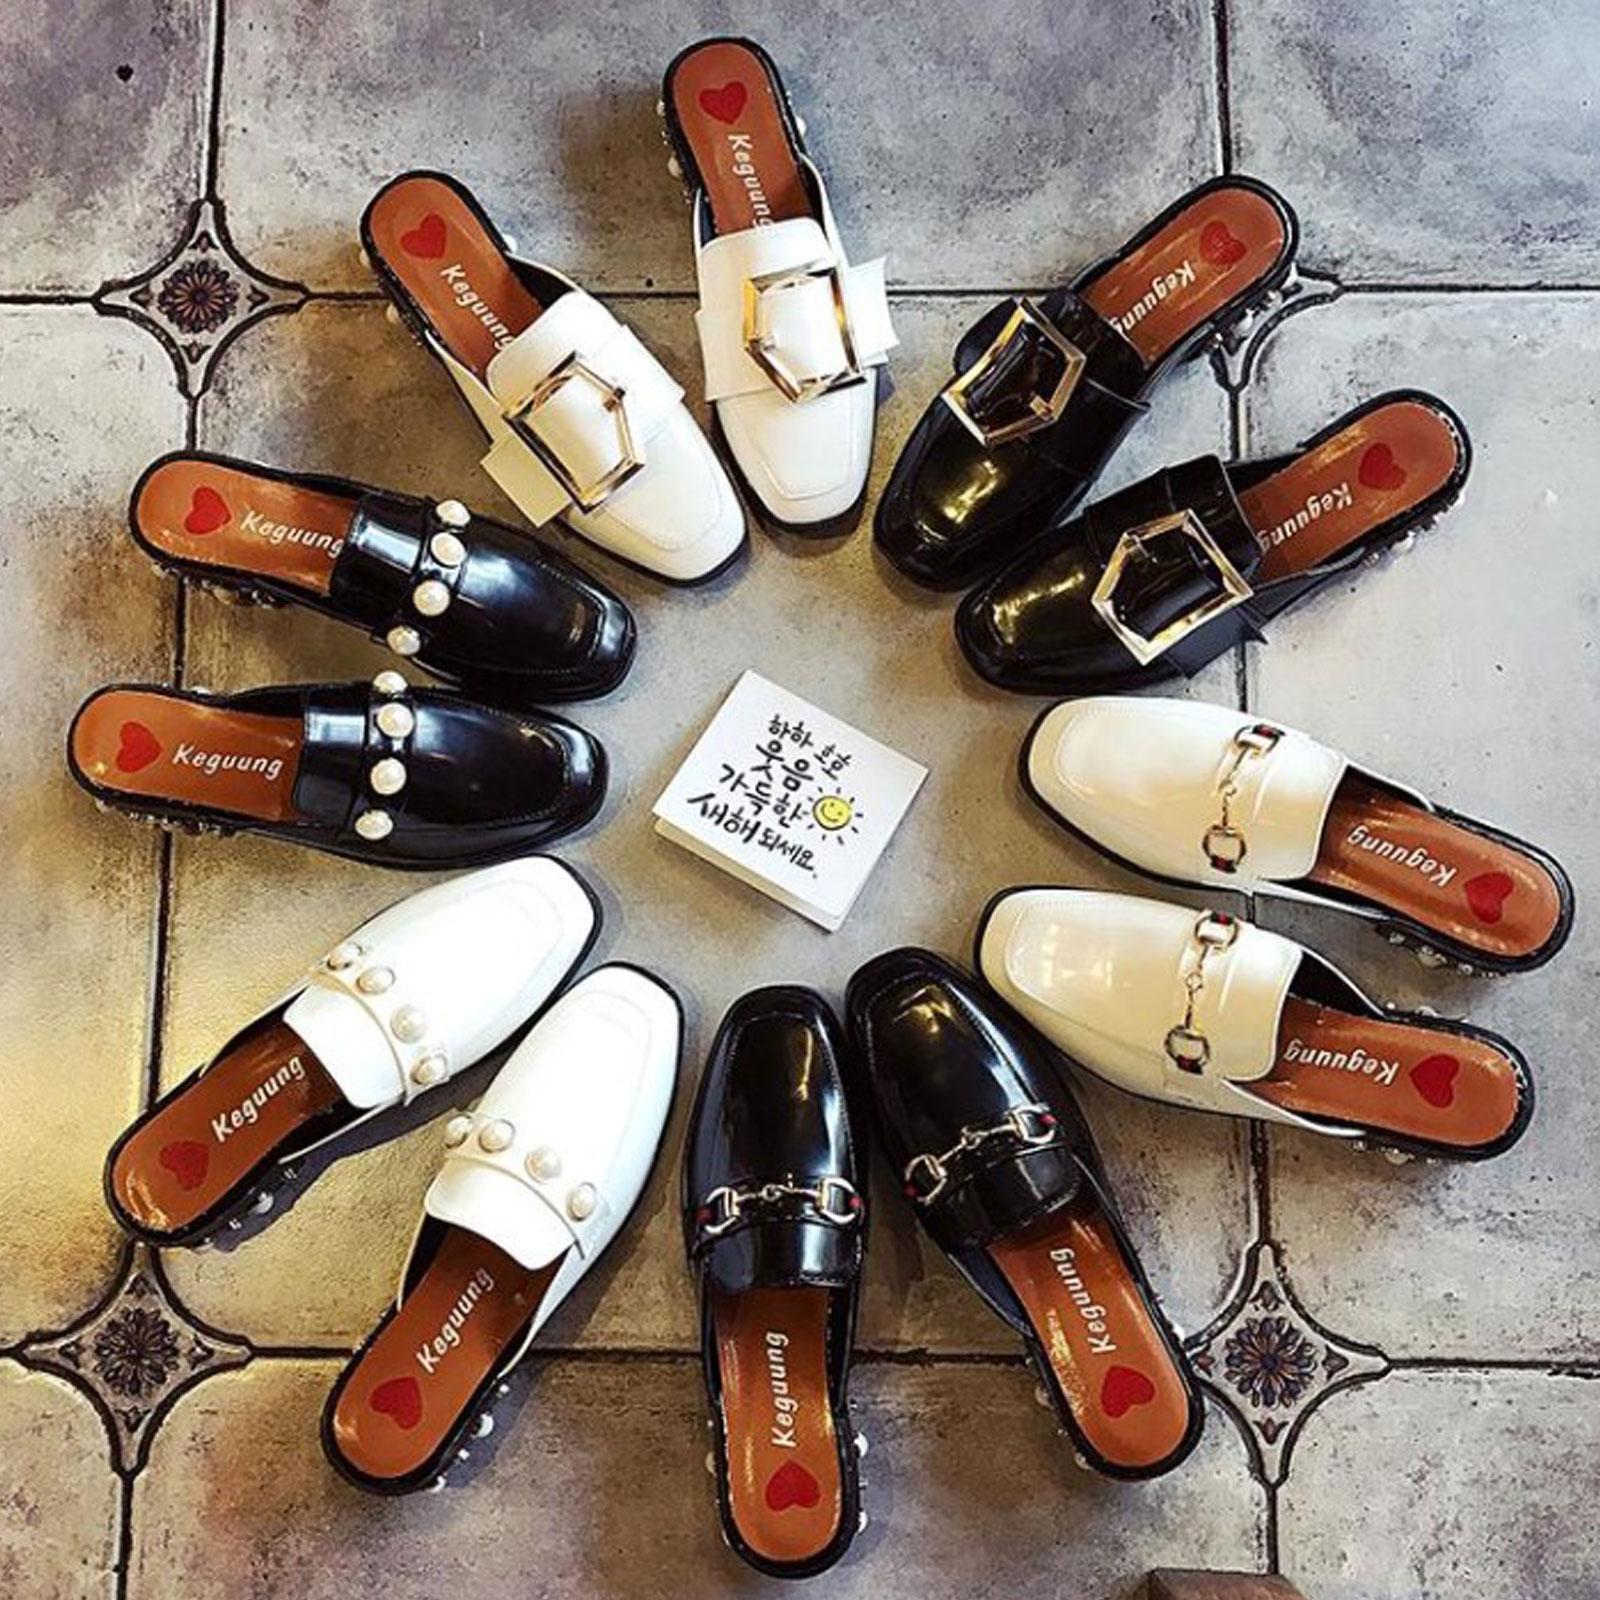 懶人鞋 淺口珍珠裝飾方頭粗跟半拖鞋【S1693】☆雙兒網☆ 5